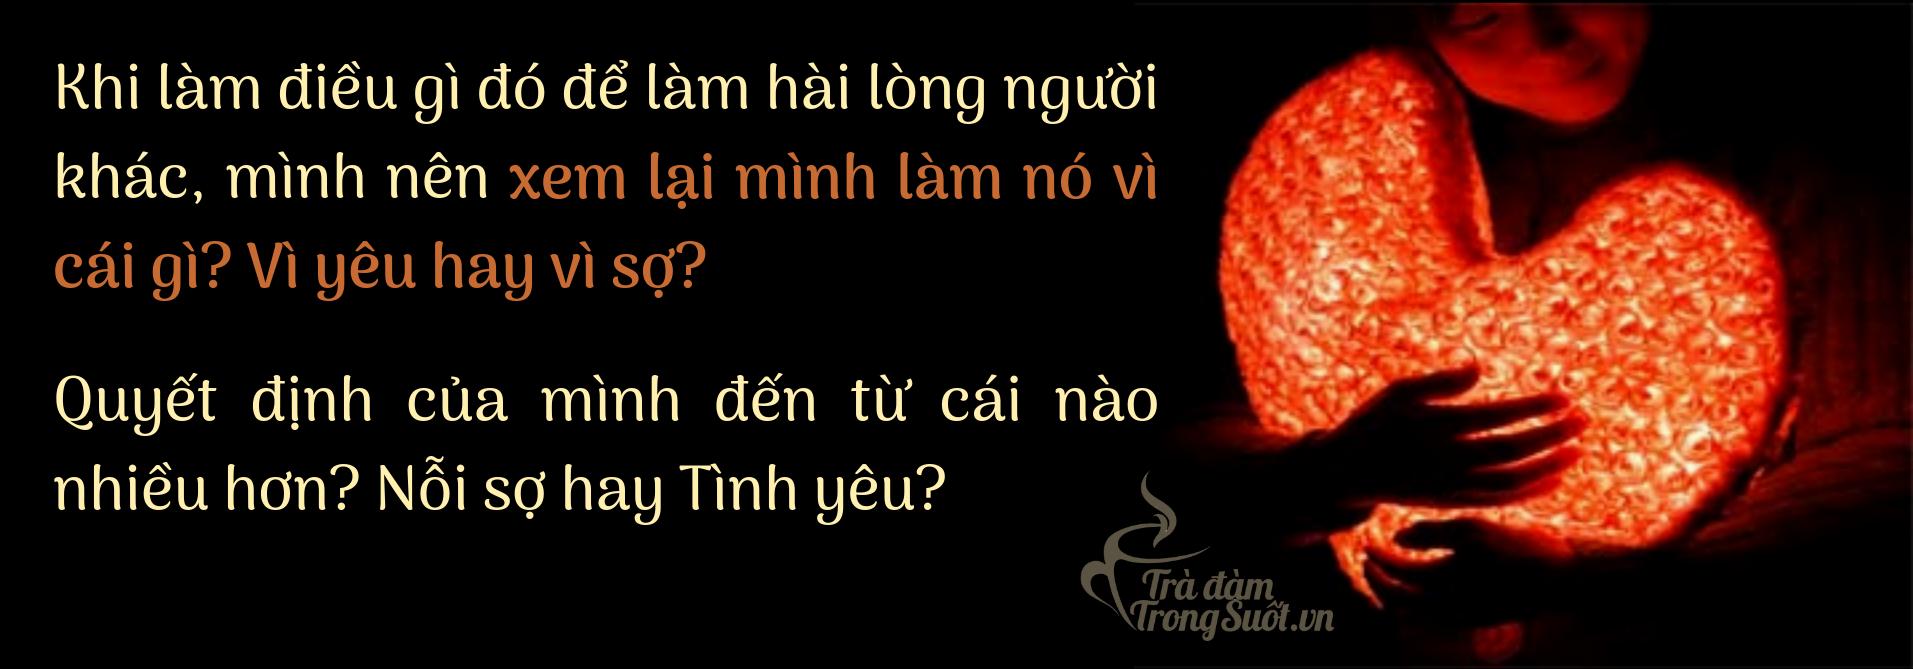 Q4_Khi lam dieu gi do